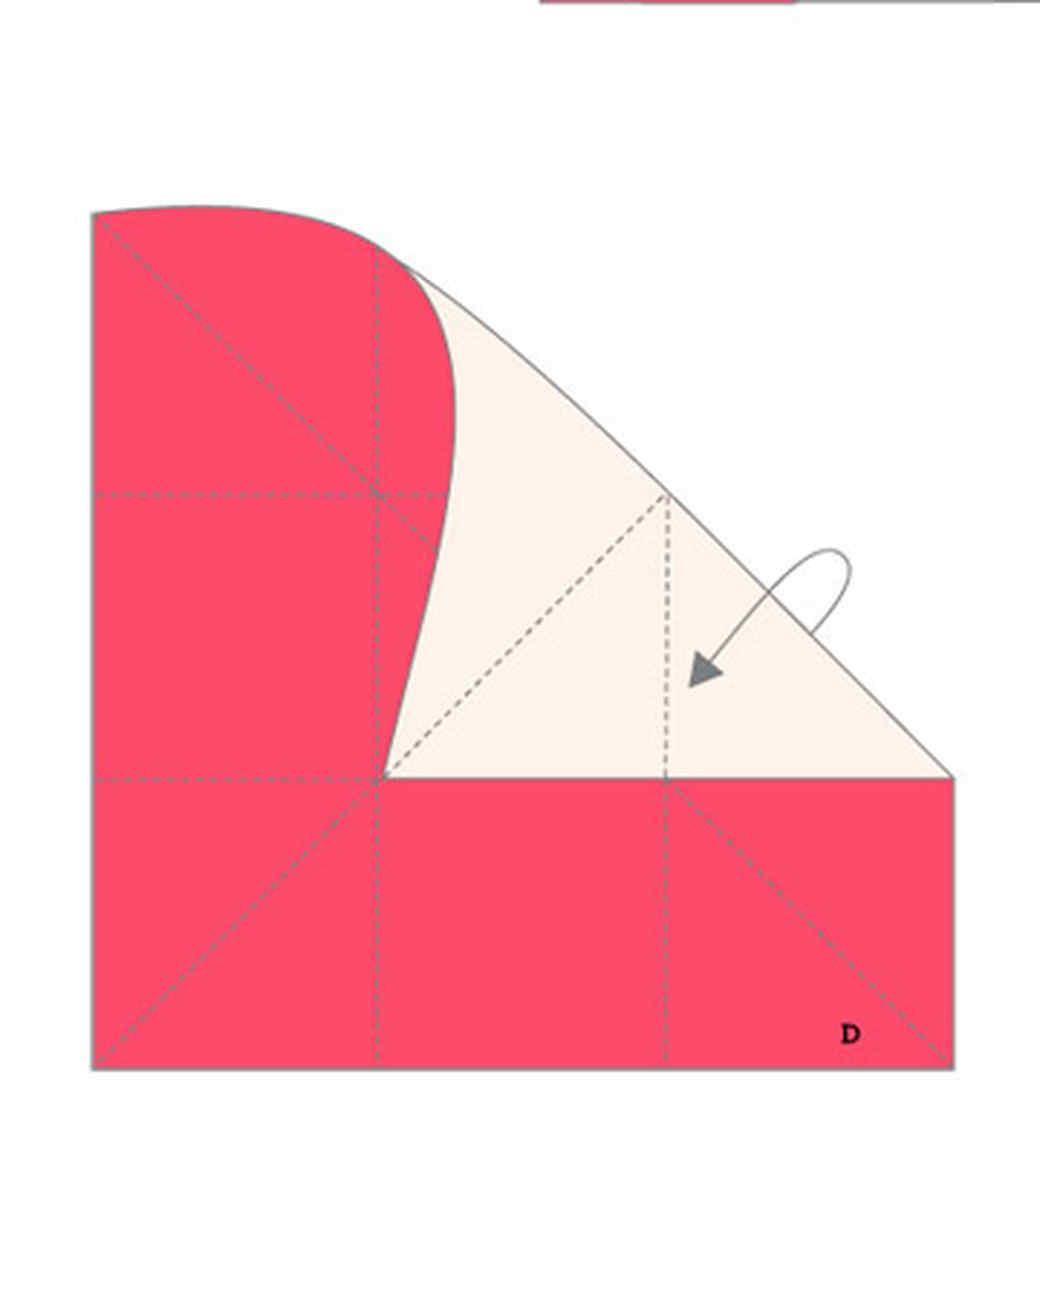 msl_0209_foldedvalentine_d.jpg